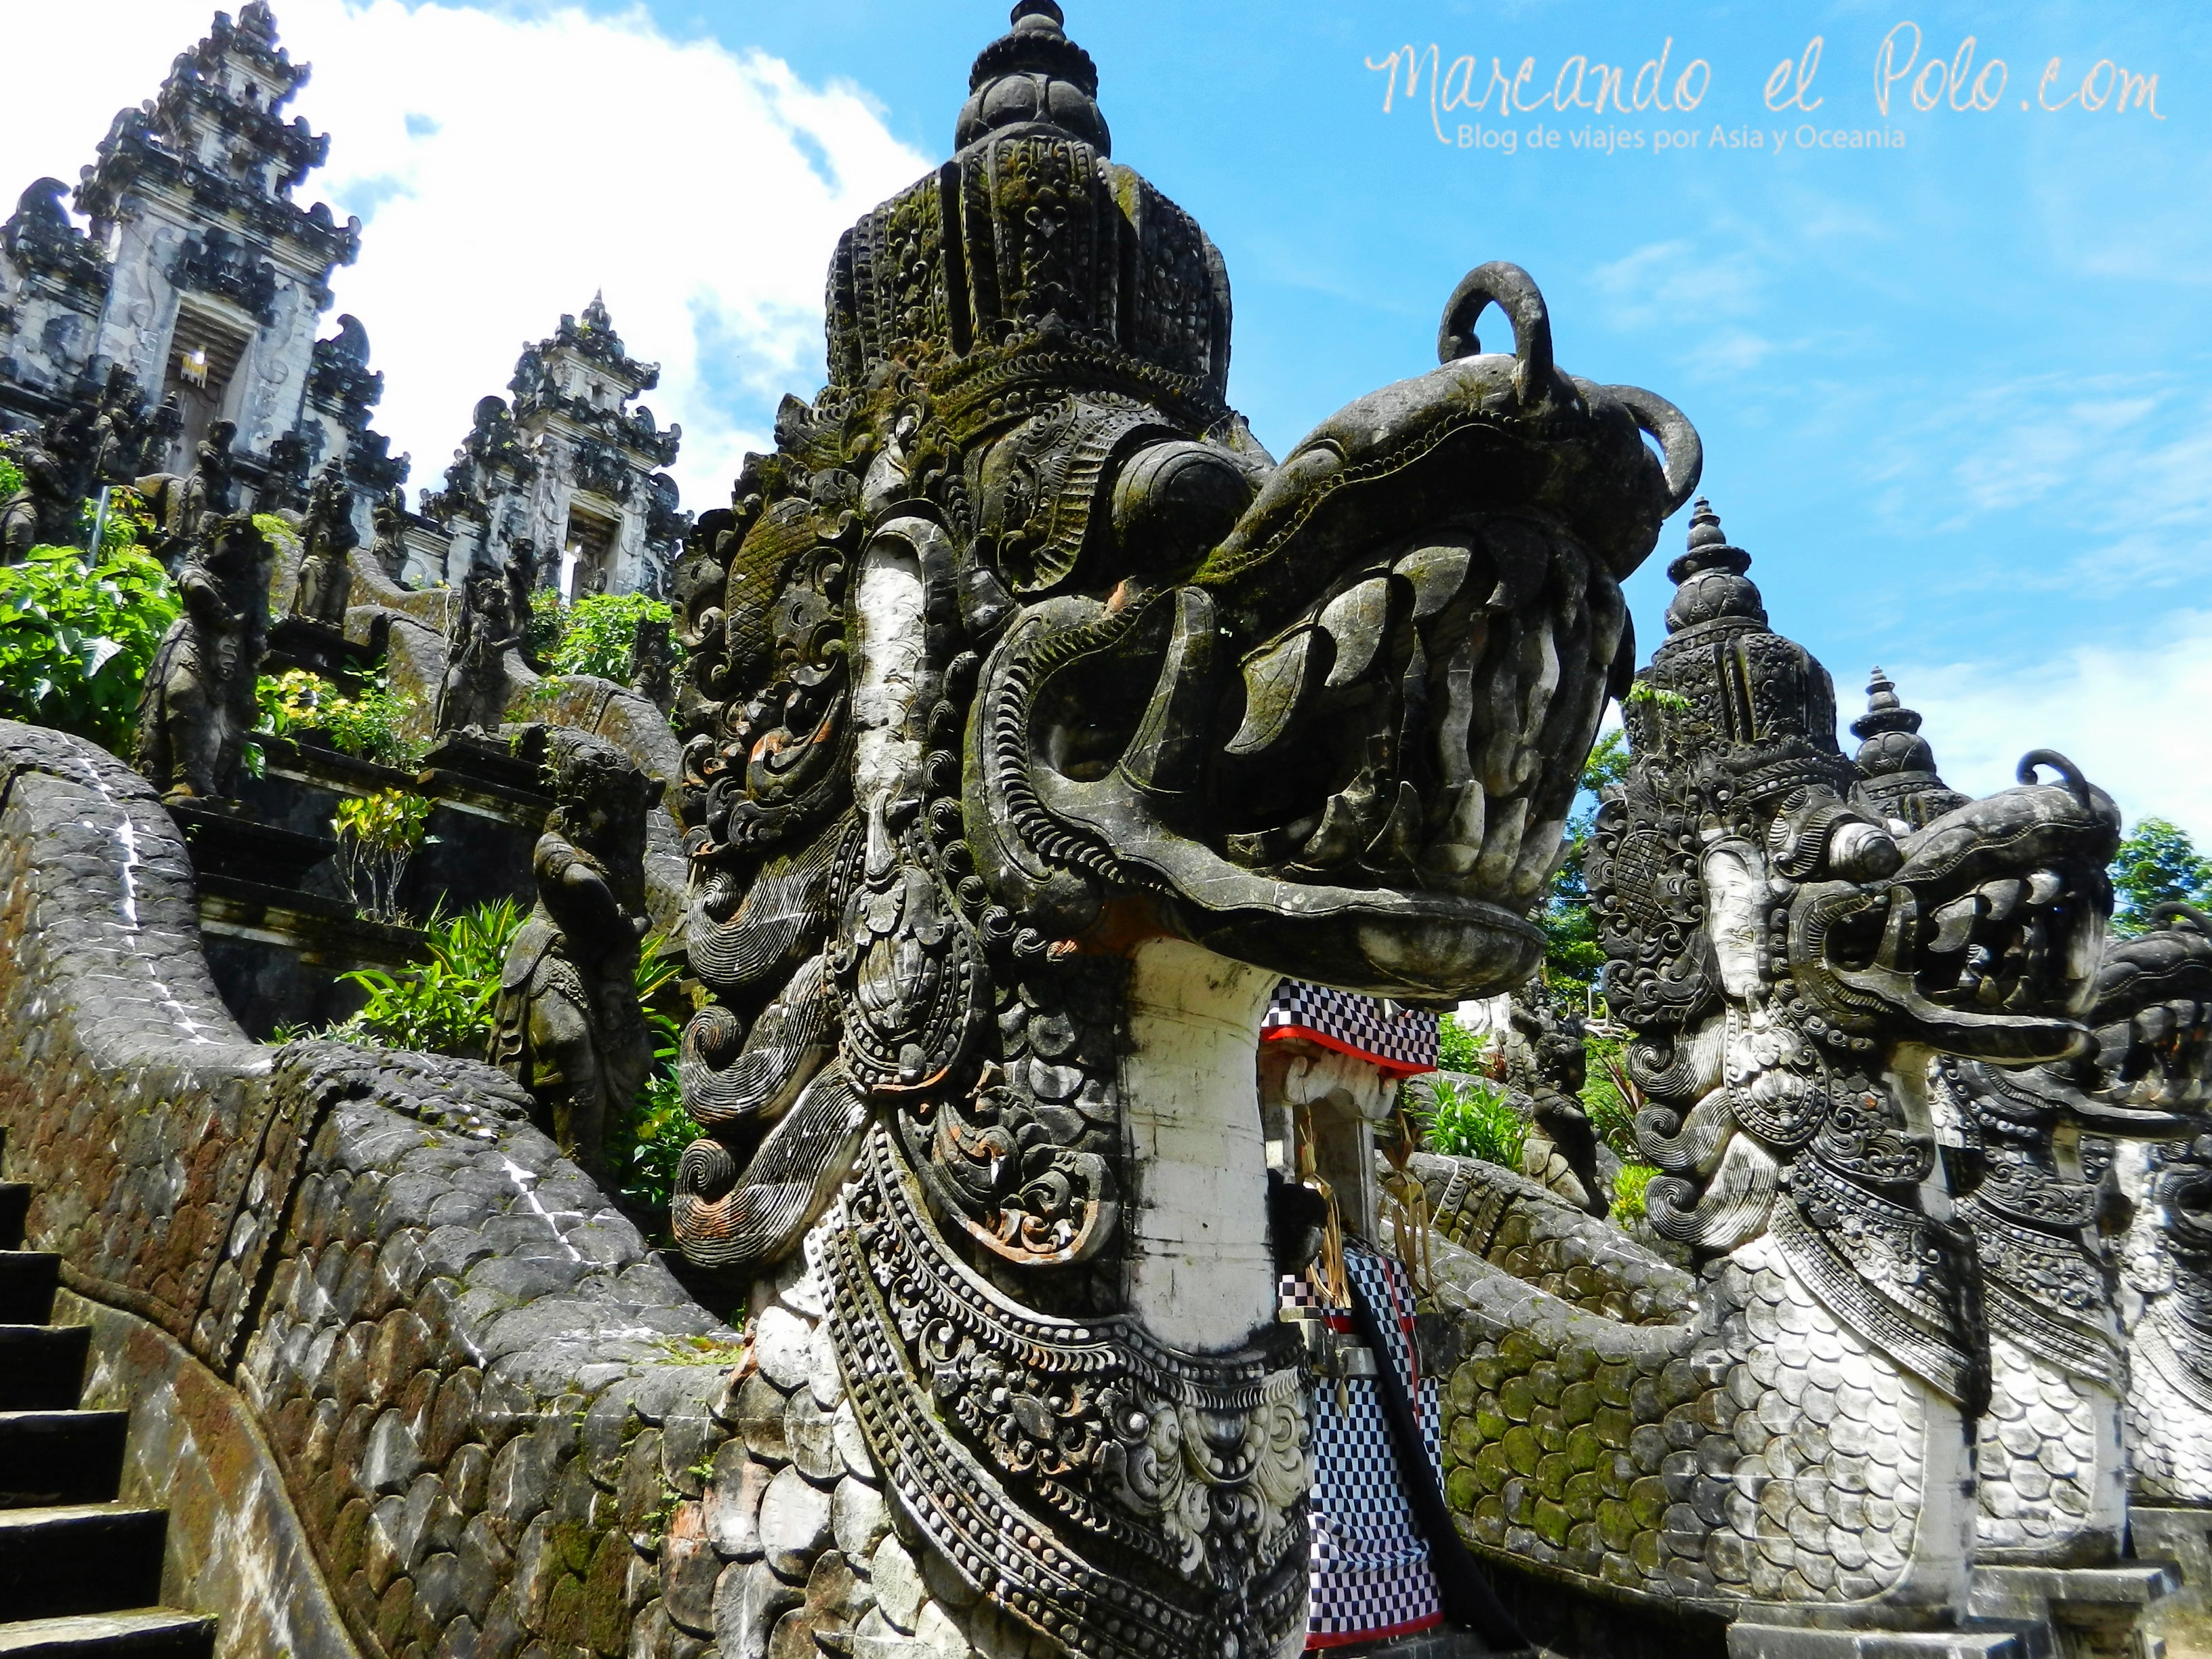 En la puerta de cada templo en Bali hay imágenes aterradoras para espantar a los demonios.